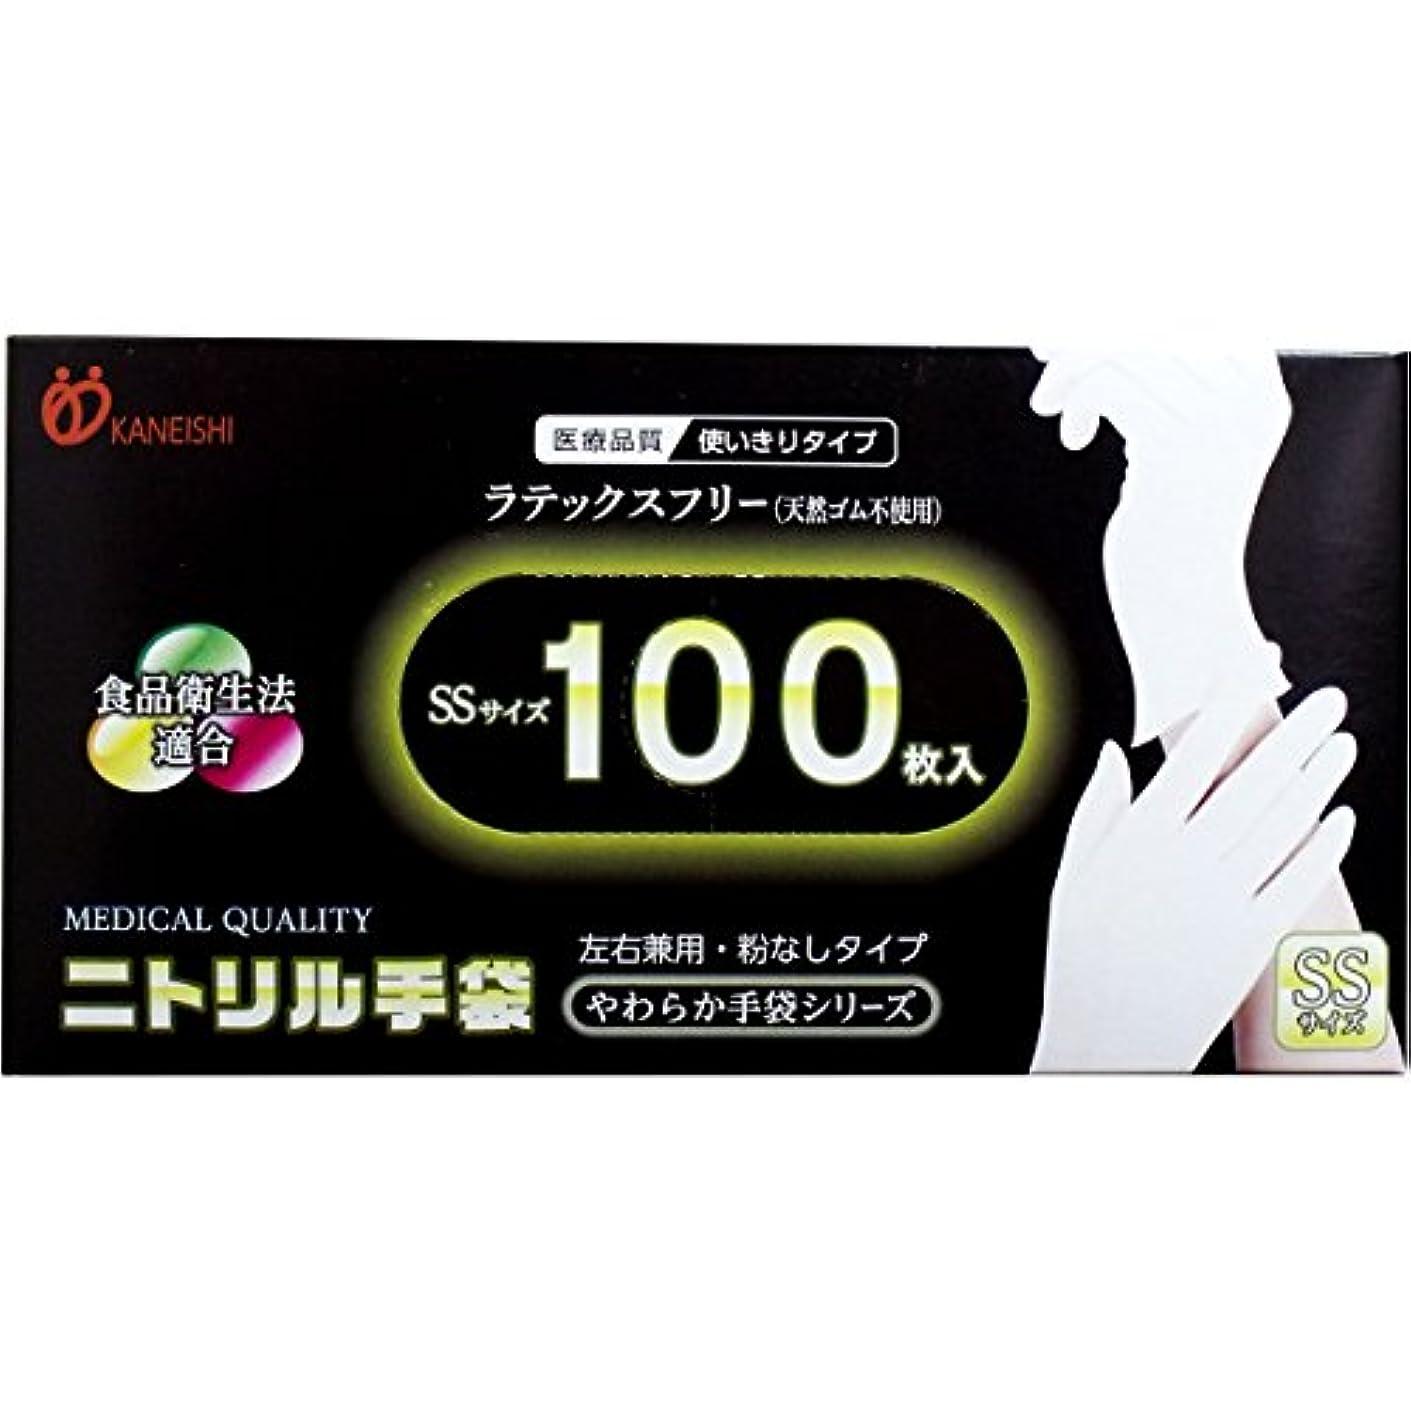 リボン制限するスライスノンパウダータイプ 食品衛生法適合 便利 やわらかニトリル手袋 パウダーフリー 100枚入 SSサイズ